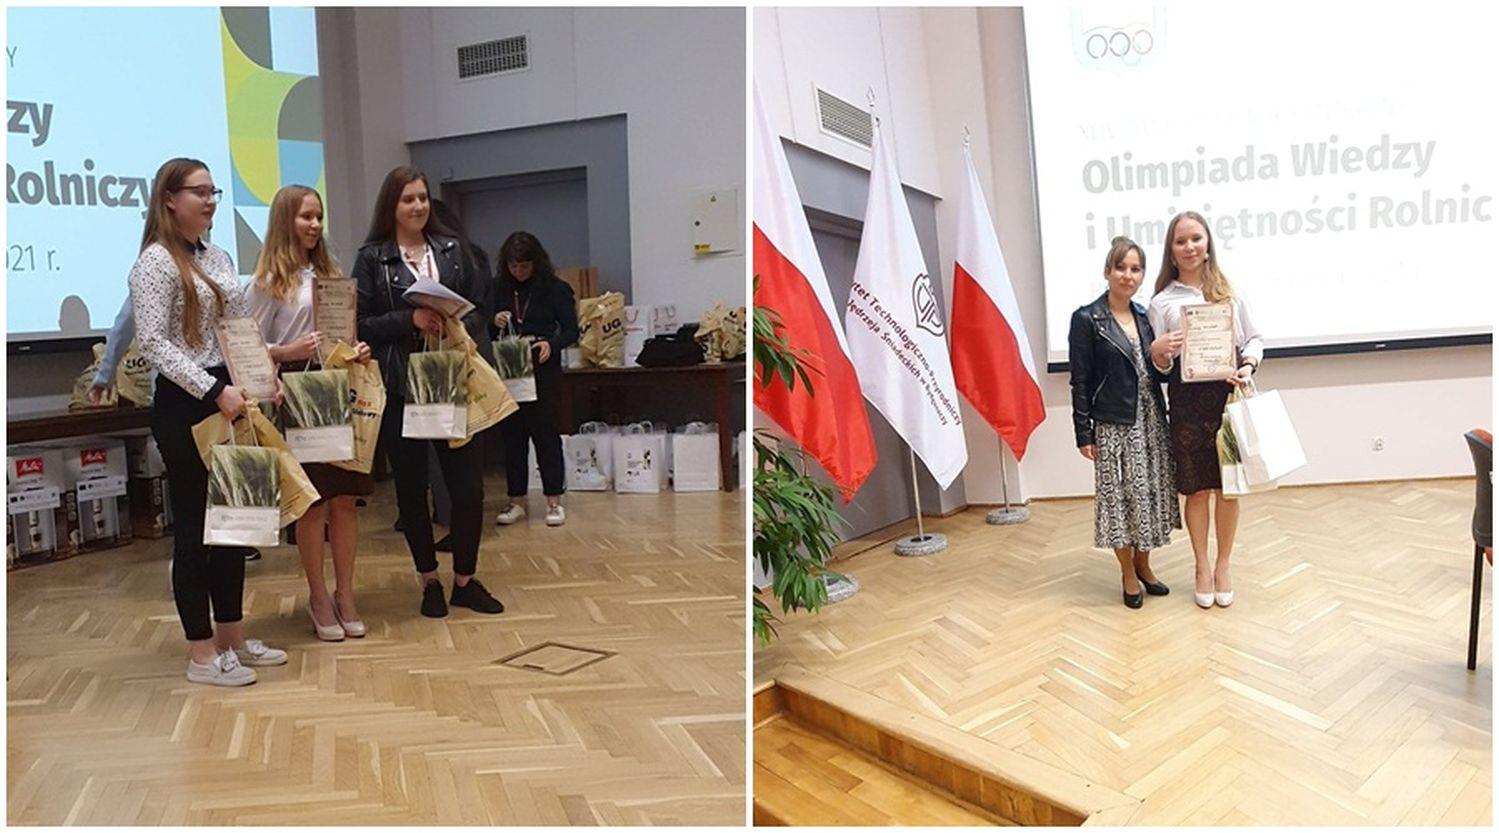 Sukces absolwentki kutnowskiej szkoły. Została laureatką olimpiady! [ZDJĘCIA] - Zdjęcie główne